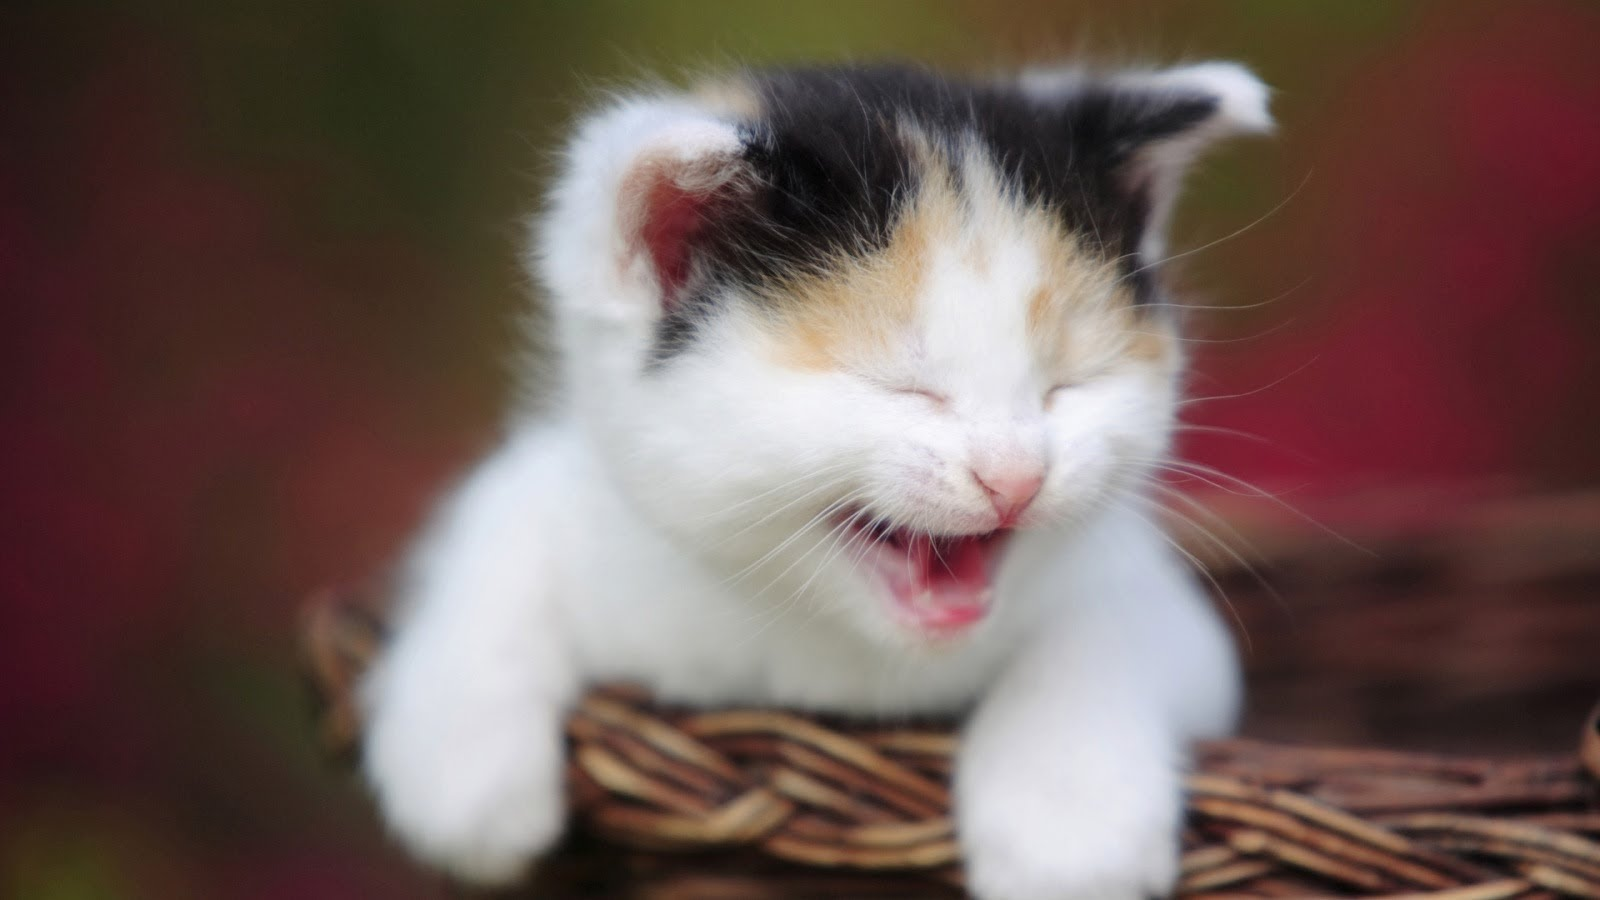 بالصور صور حيوانات تضحك صور للحيوانات مضحكة , بوستات مضحكة جدا 3930 7